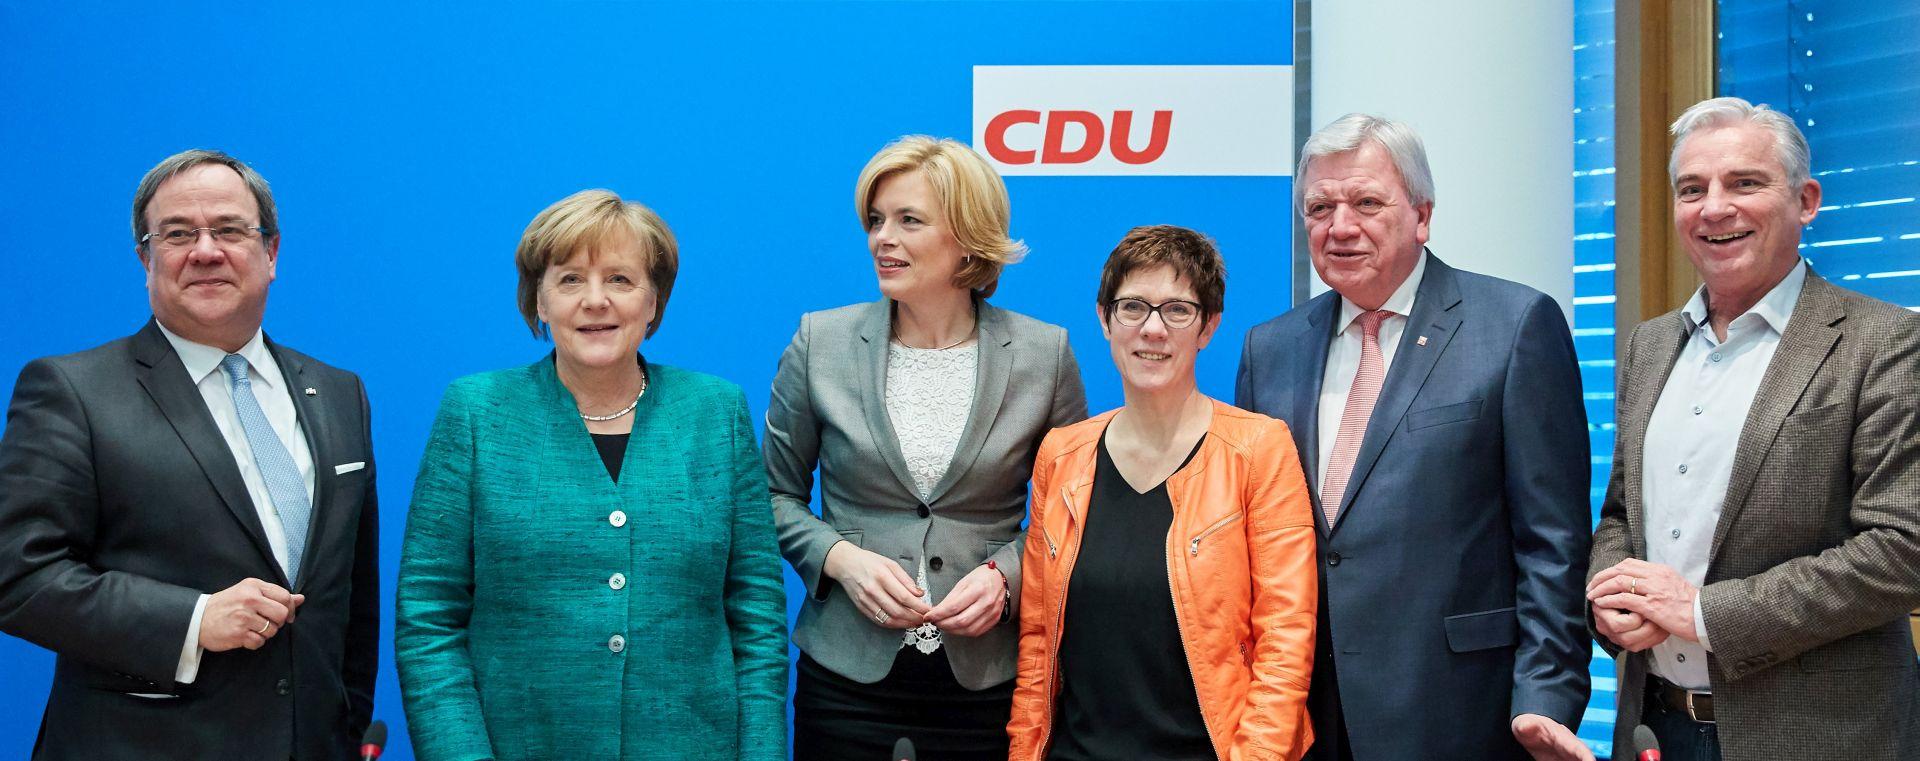 Vladajuća koalicija u Njemačkoj bez većine, socijaldemokrati u trajnoj krizi